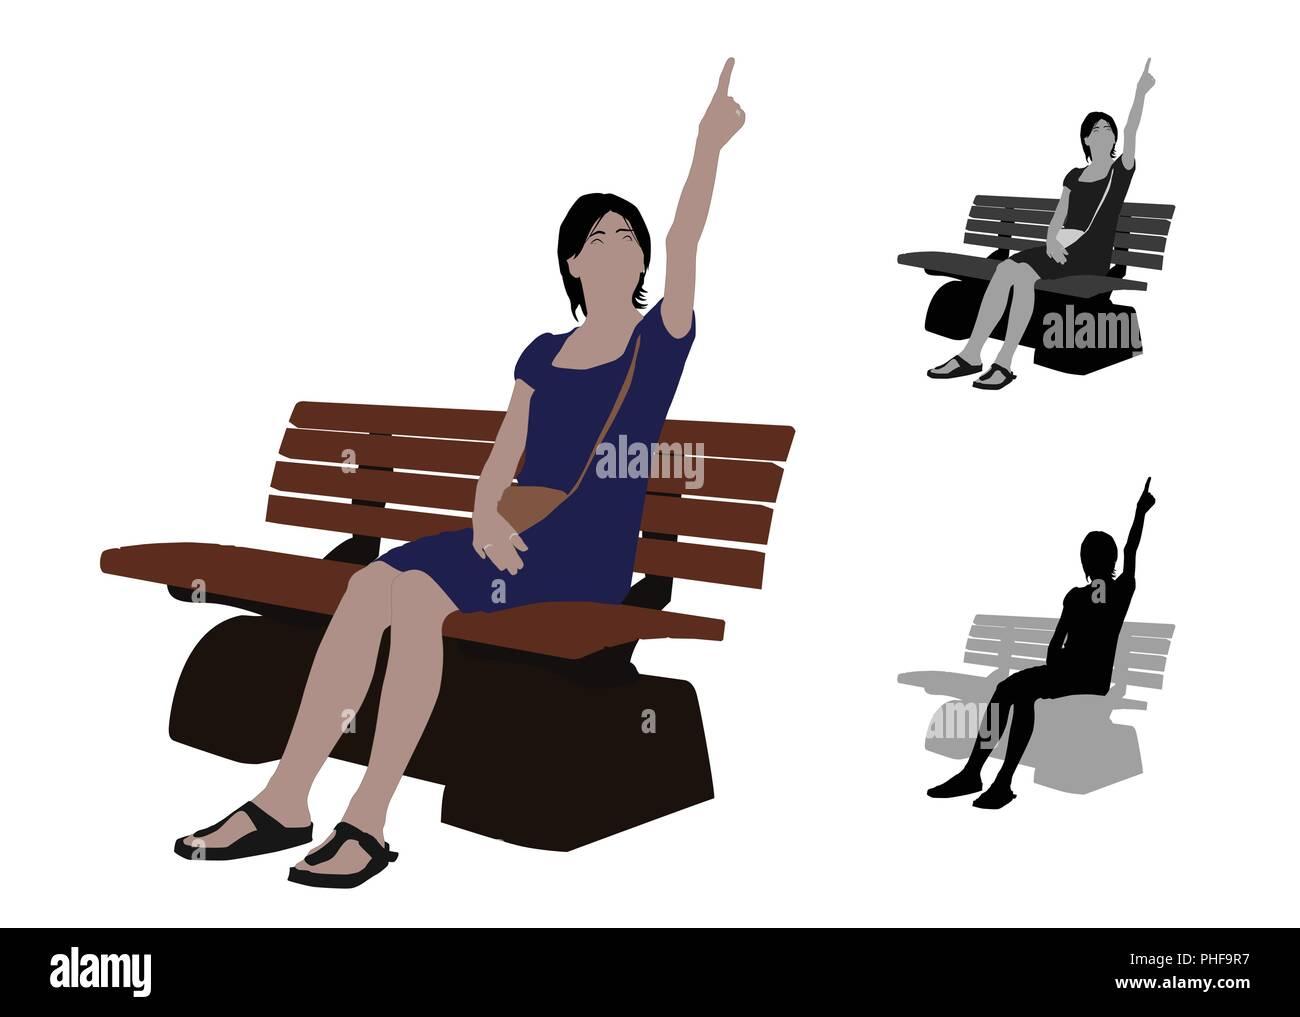 Télévision réaliste illustration couleur d'une femme pointant vers le haut, en position assise d'un banc dans le parc Photo Stock